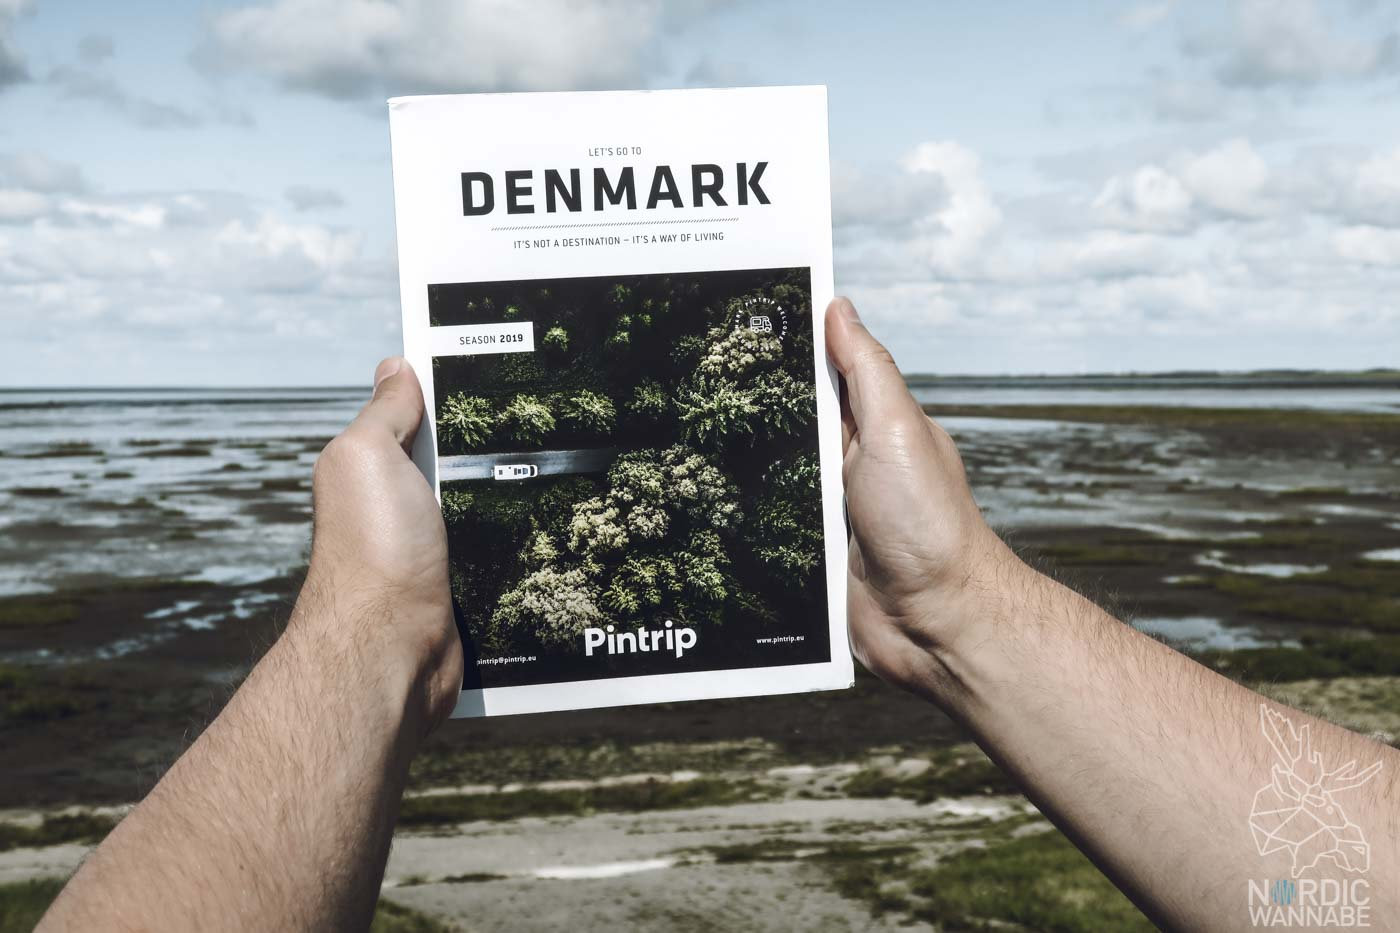 Stellplatzführer für Dänemark, Wohnmobil, Pintrip